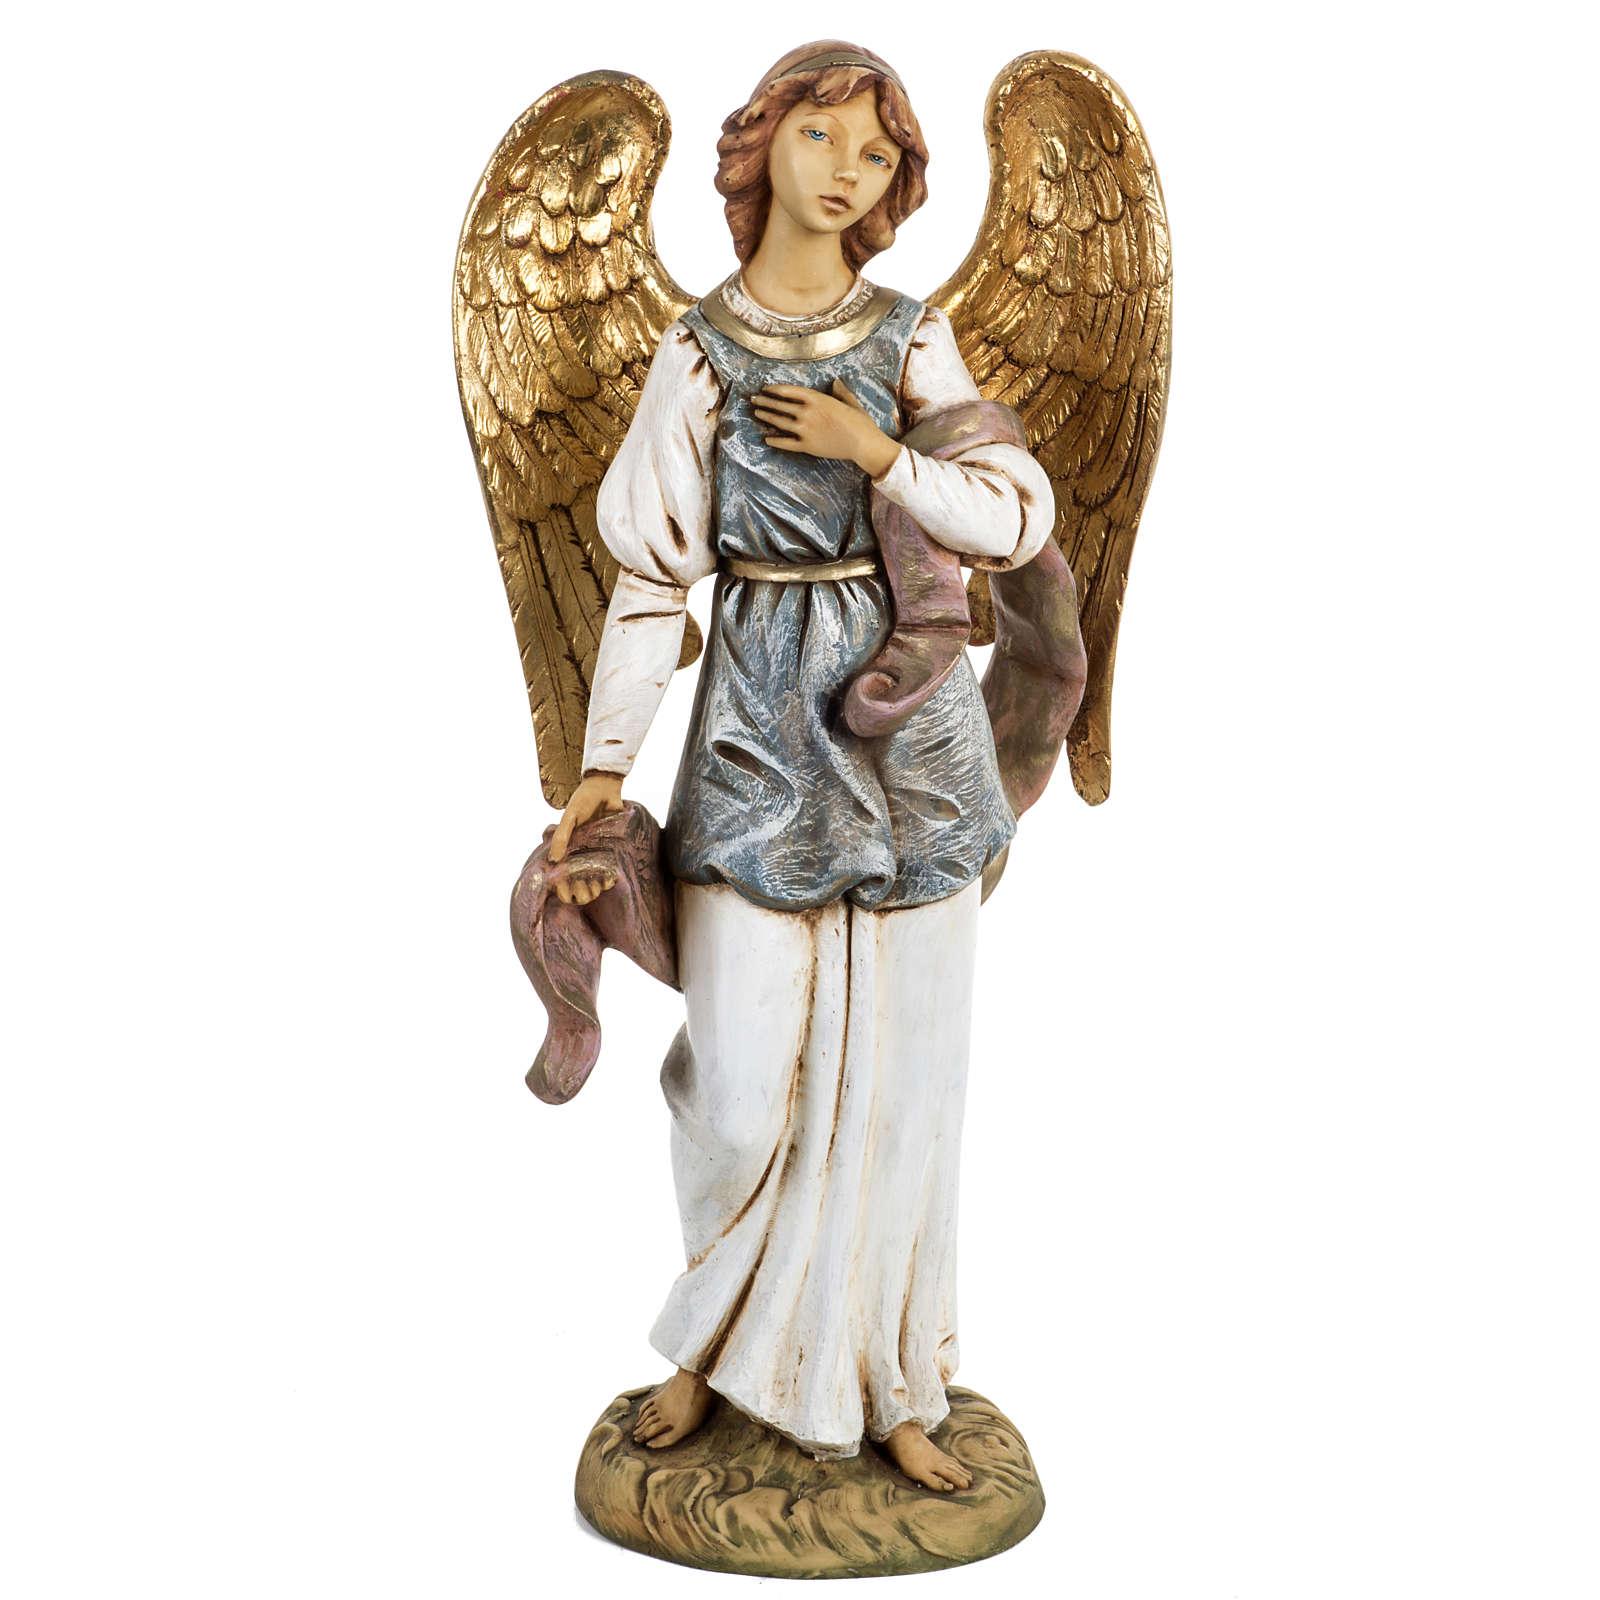 Anioł stojący 52 cm szopka Fontanini 4